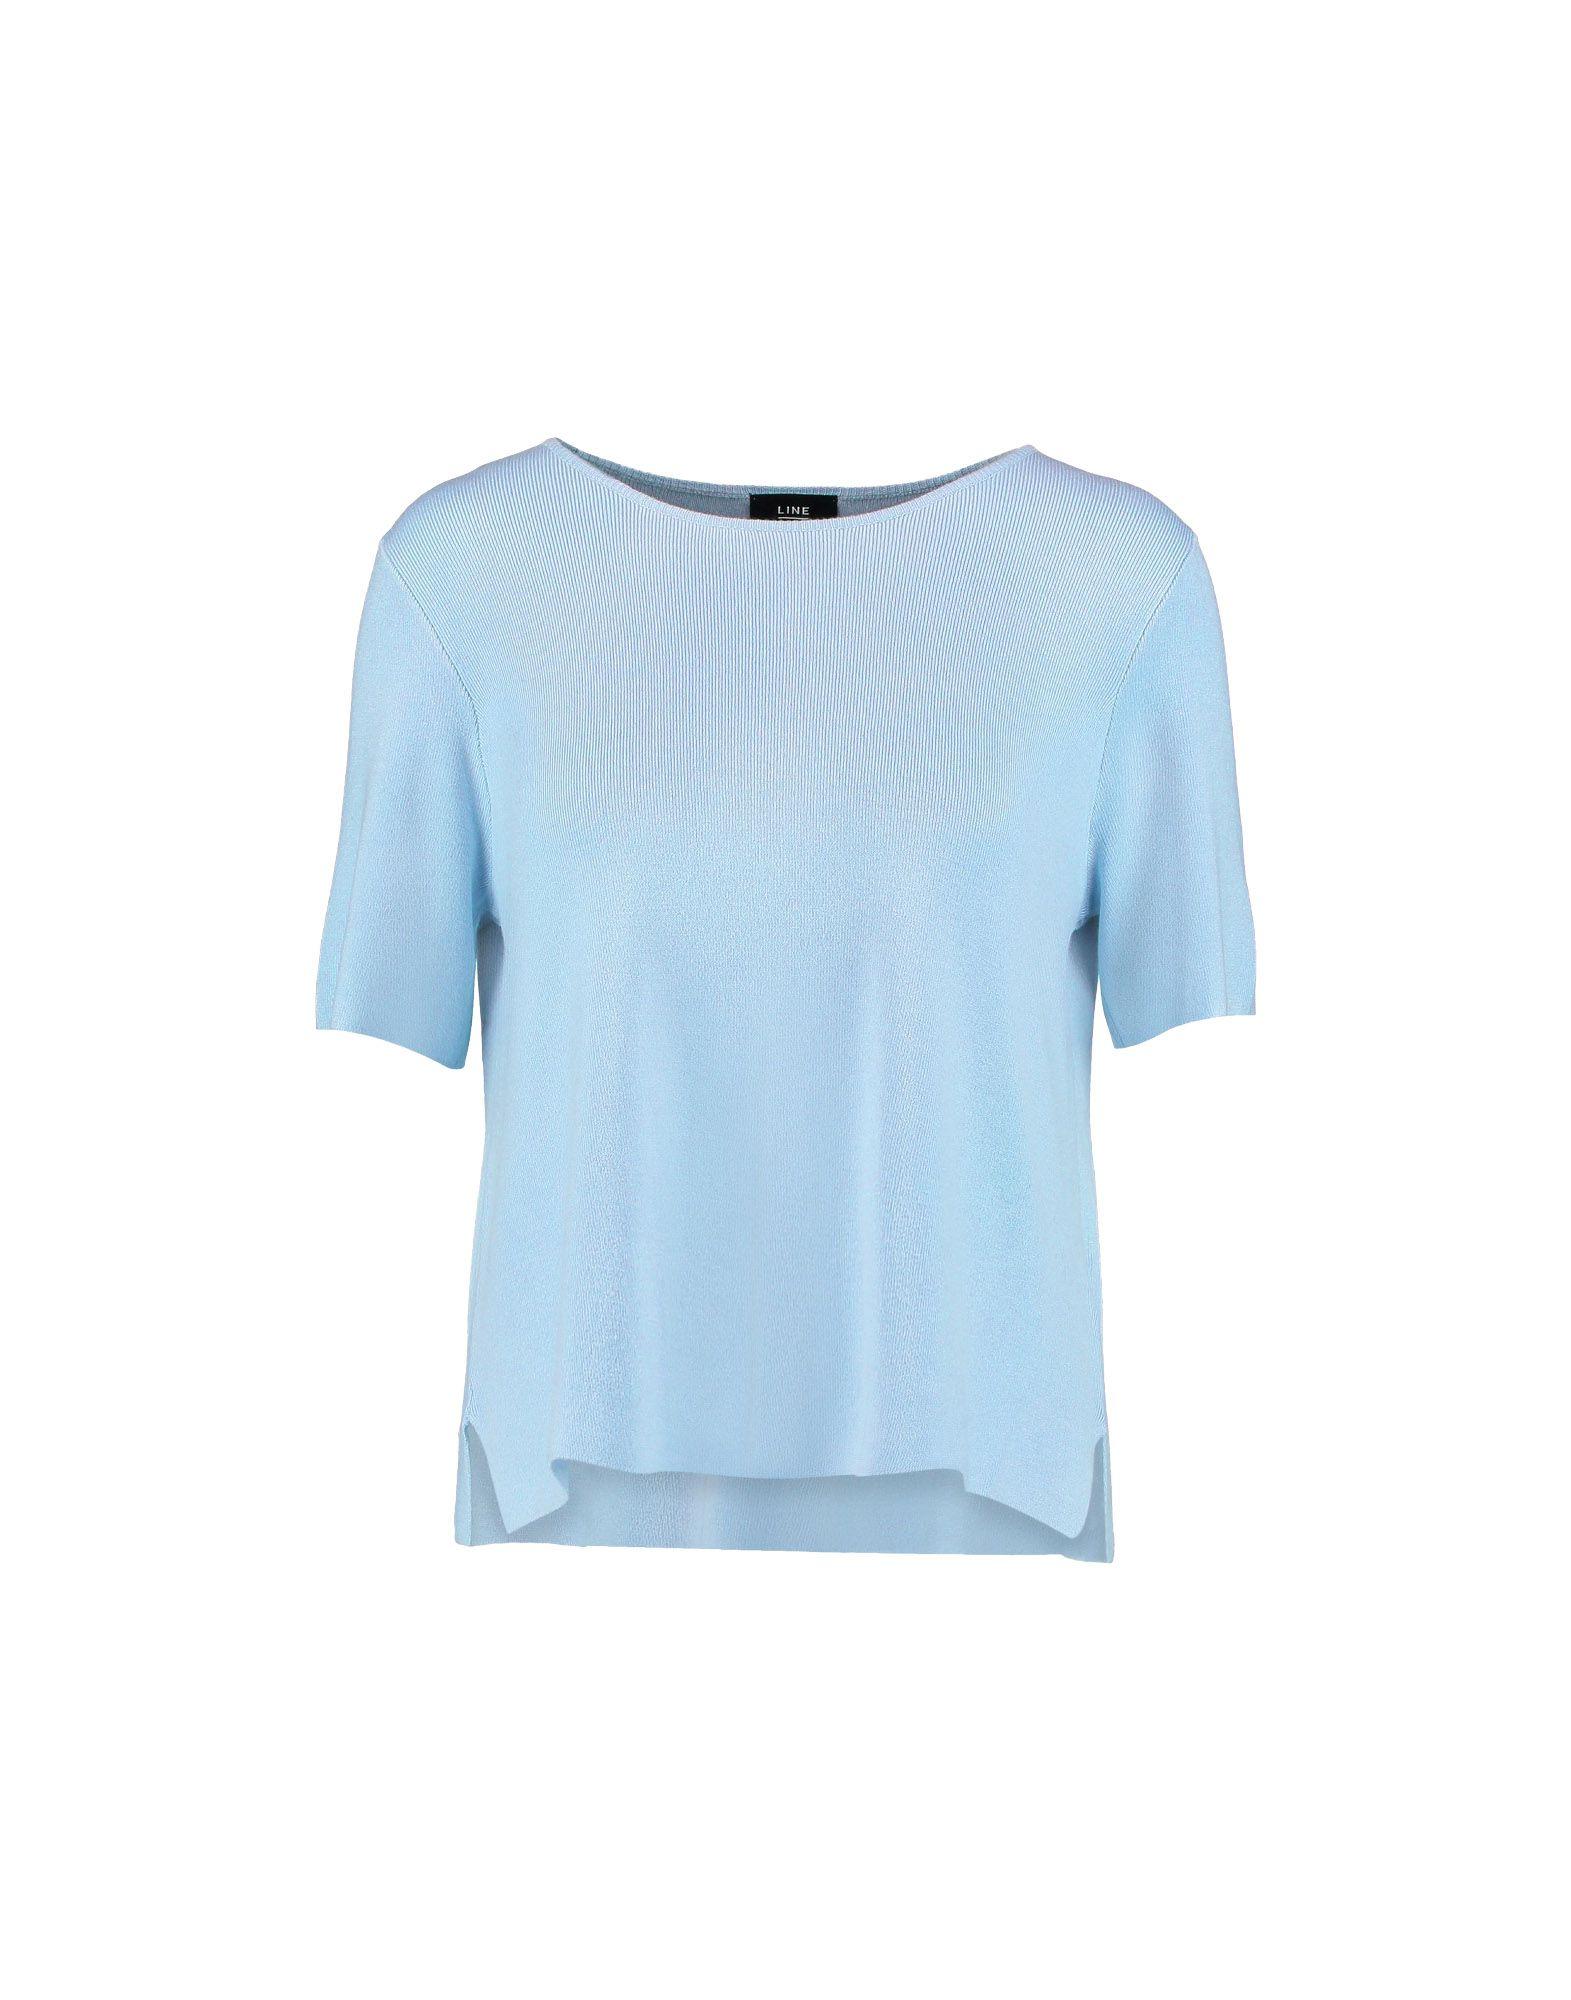 LINE Sweater in Sky Blue